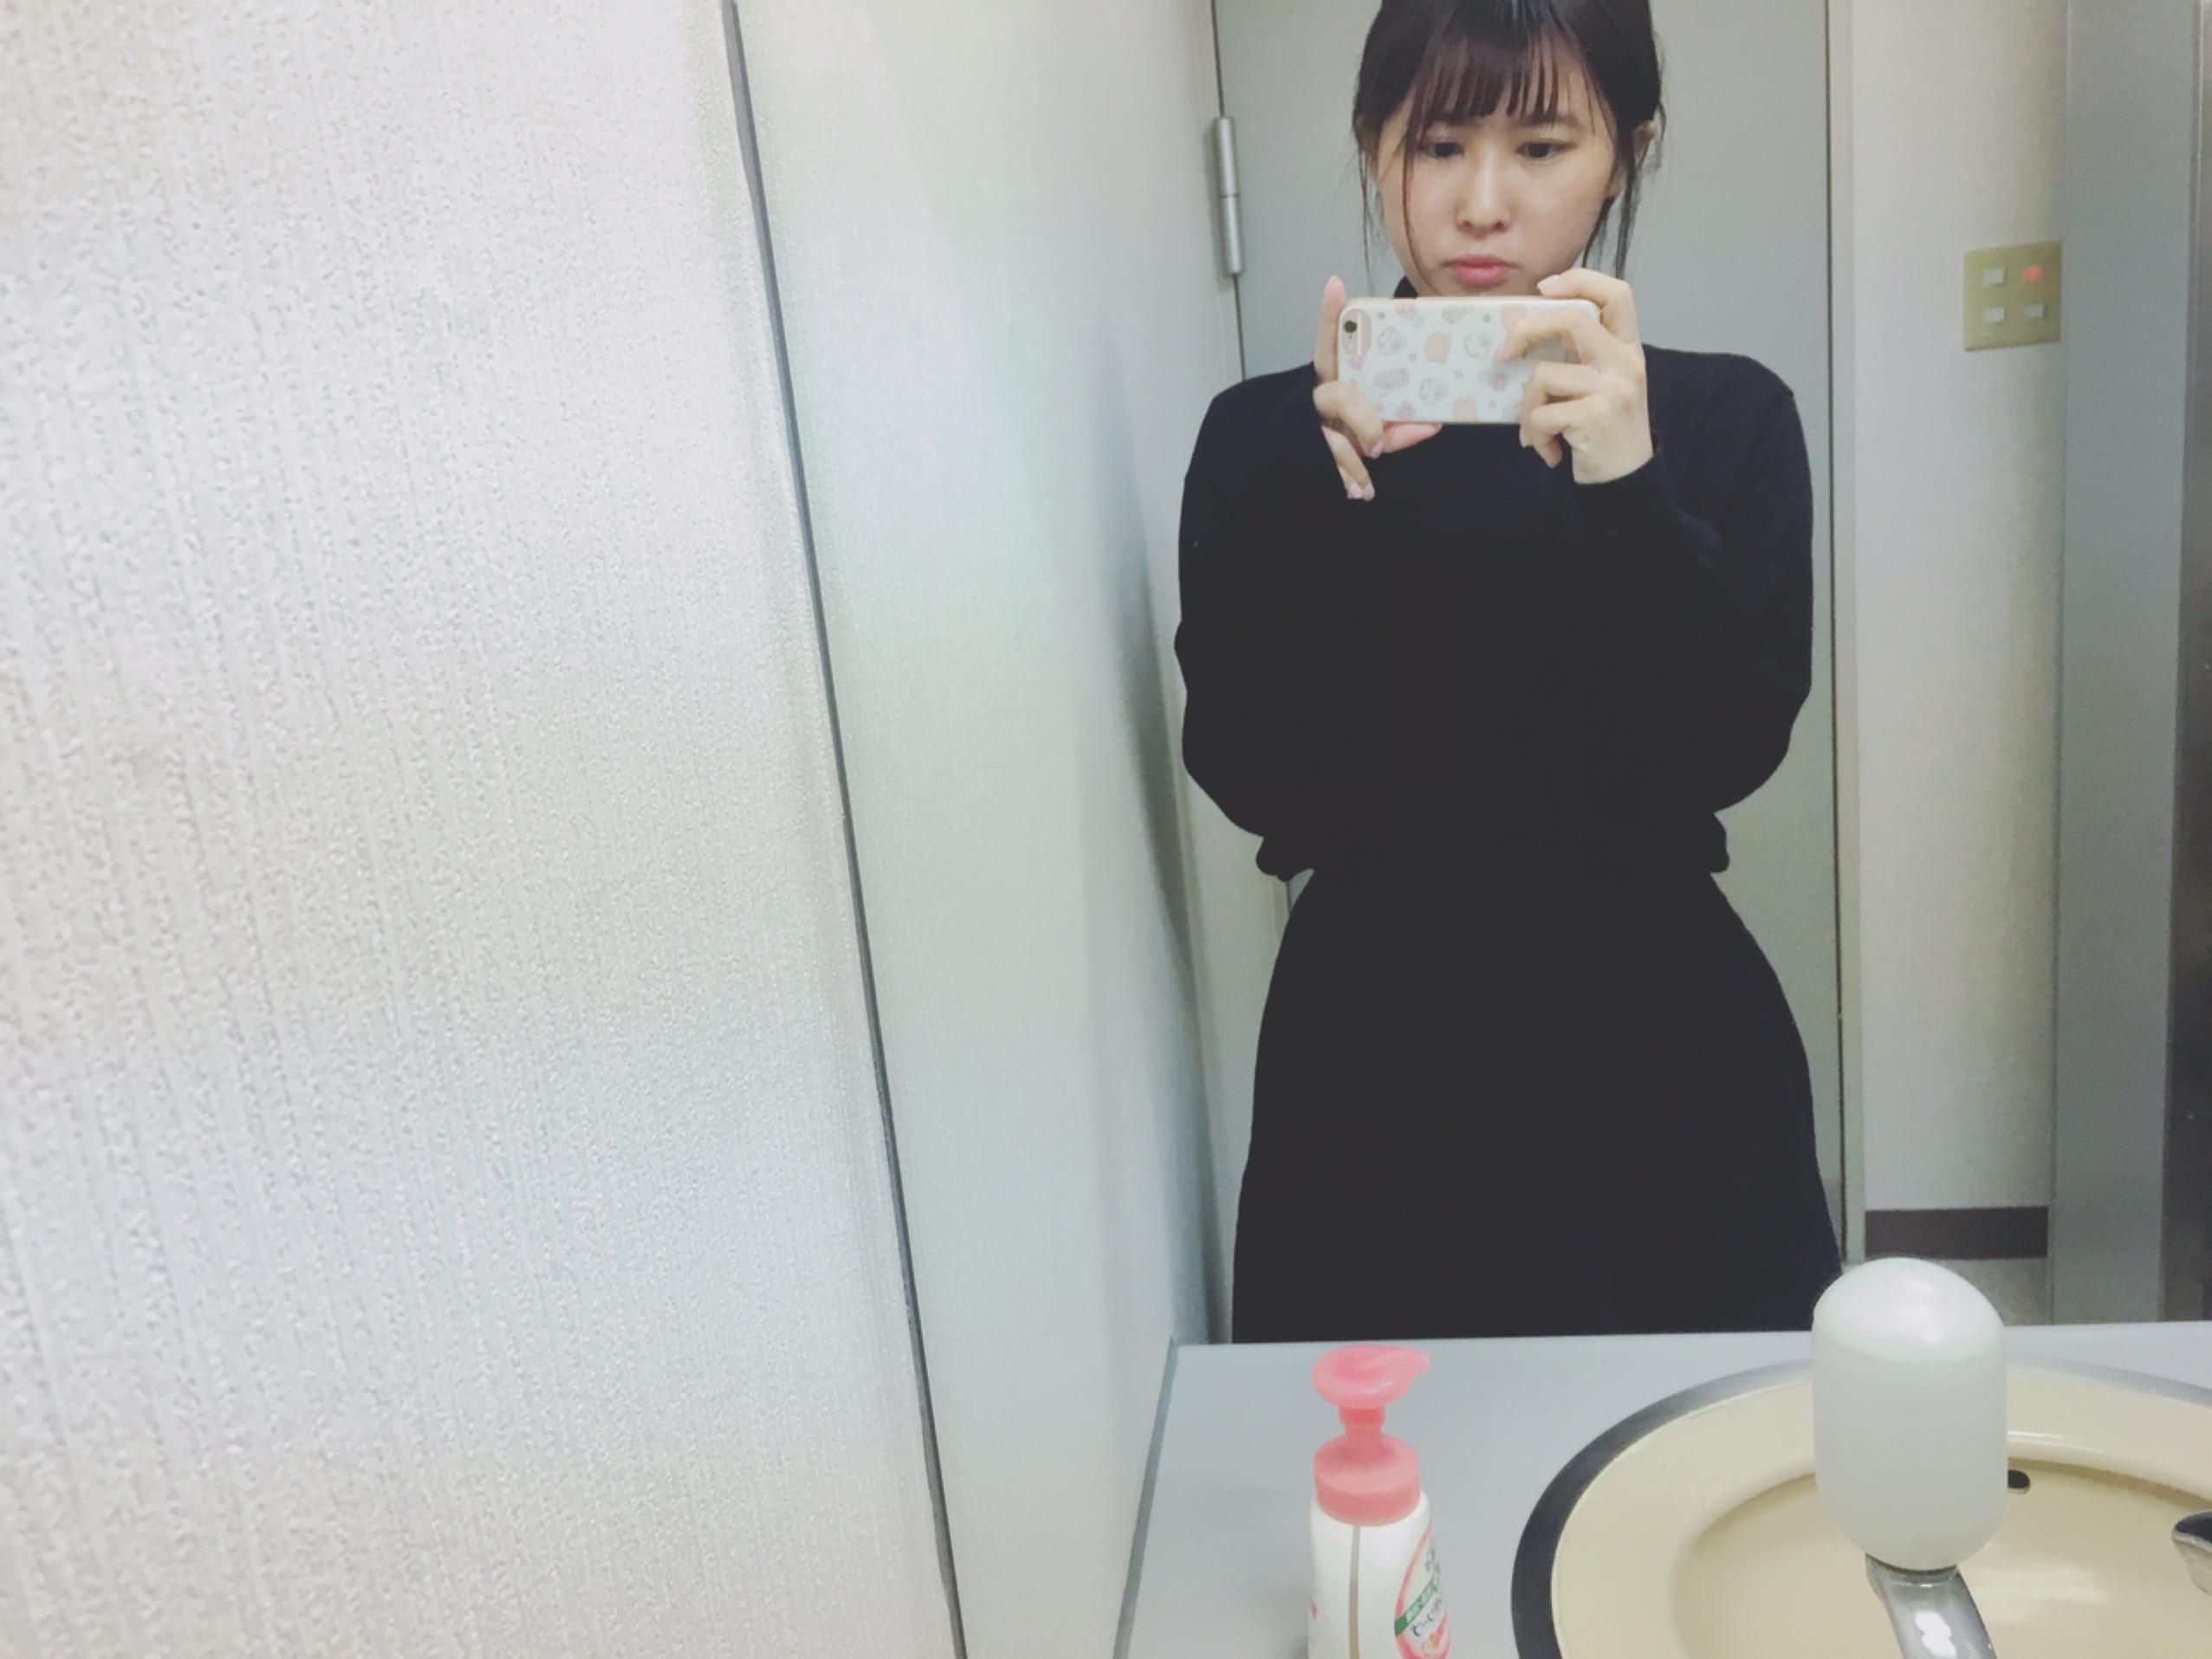 【今週のコーデまとめvol.41】衣装チェンジ!?甘めカジュアル派の7days_5